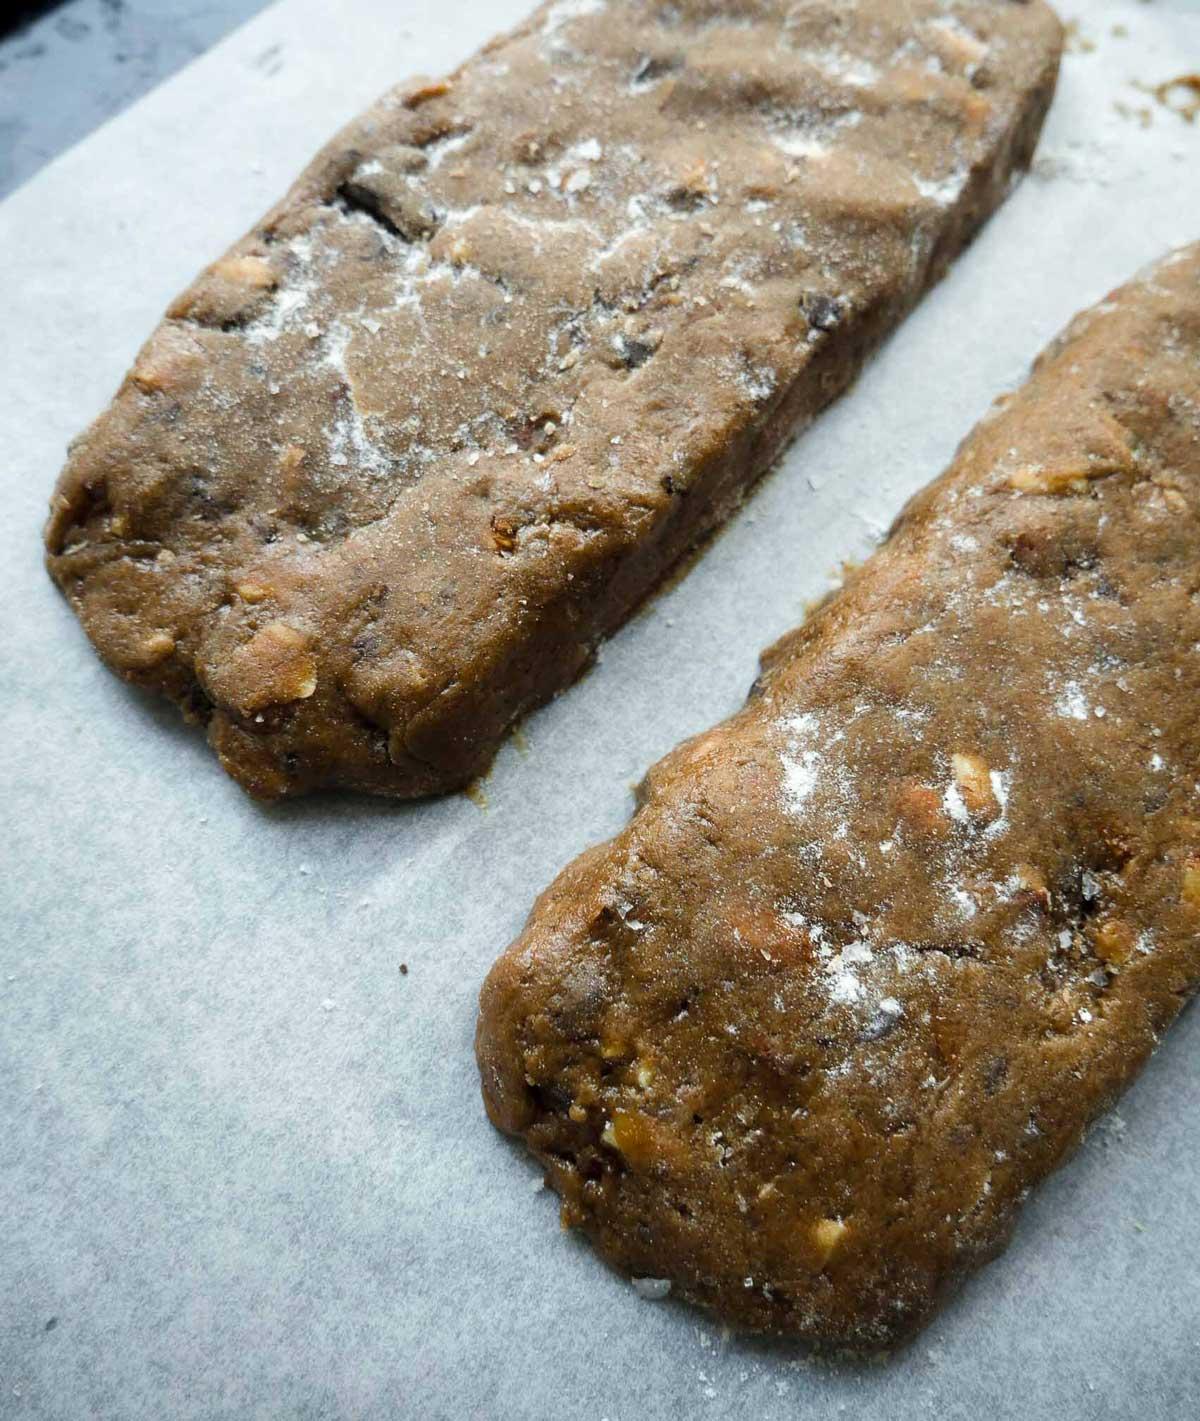 vegansk opskrift på biscottis bagt i ovnen